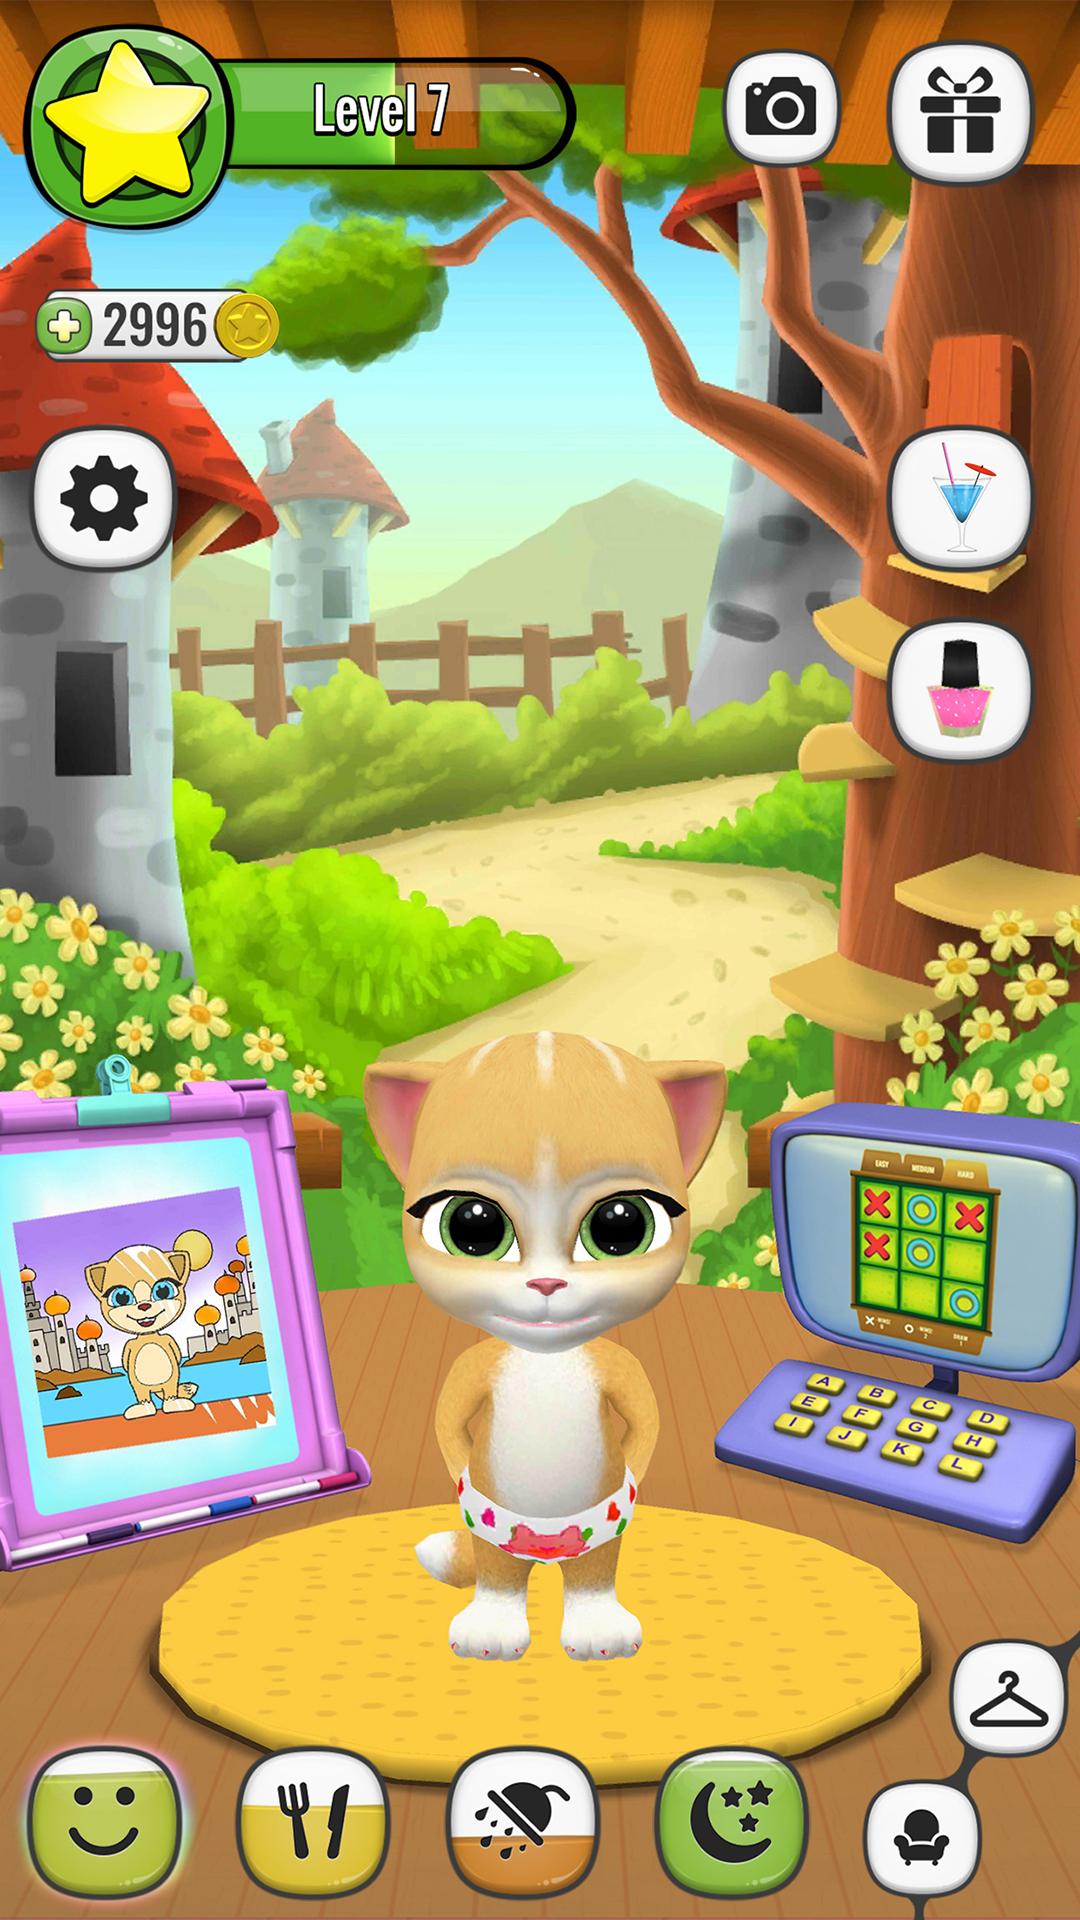 Sprechende Katze App